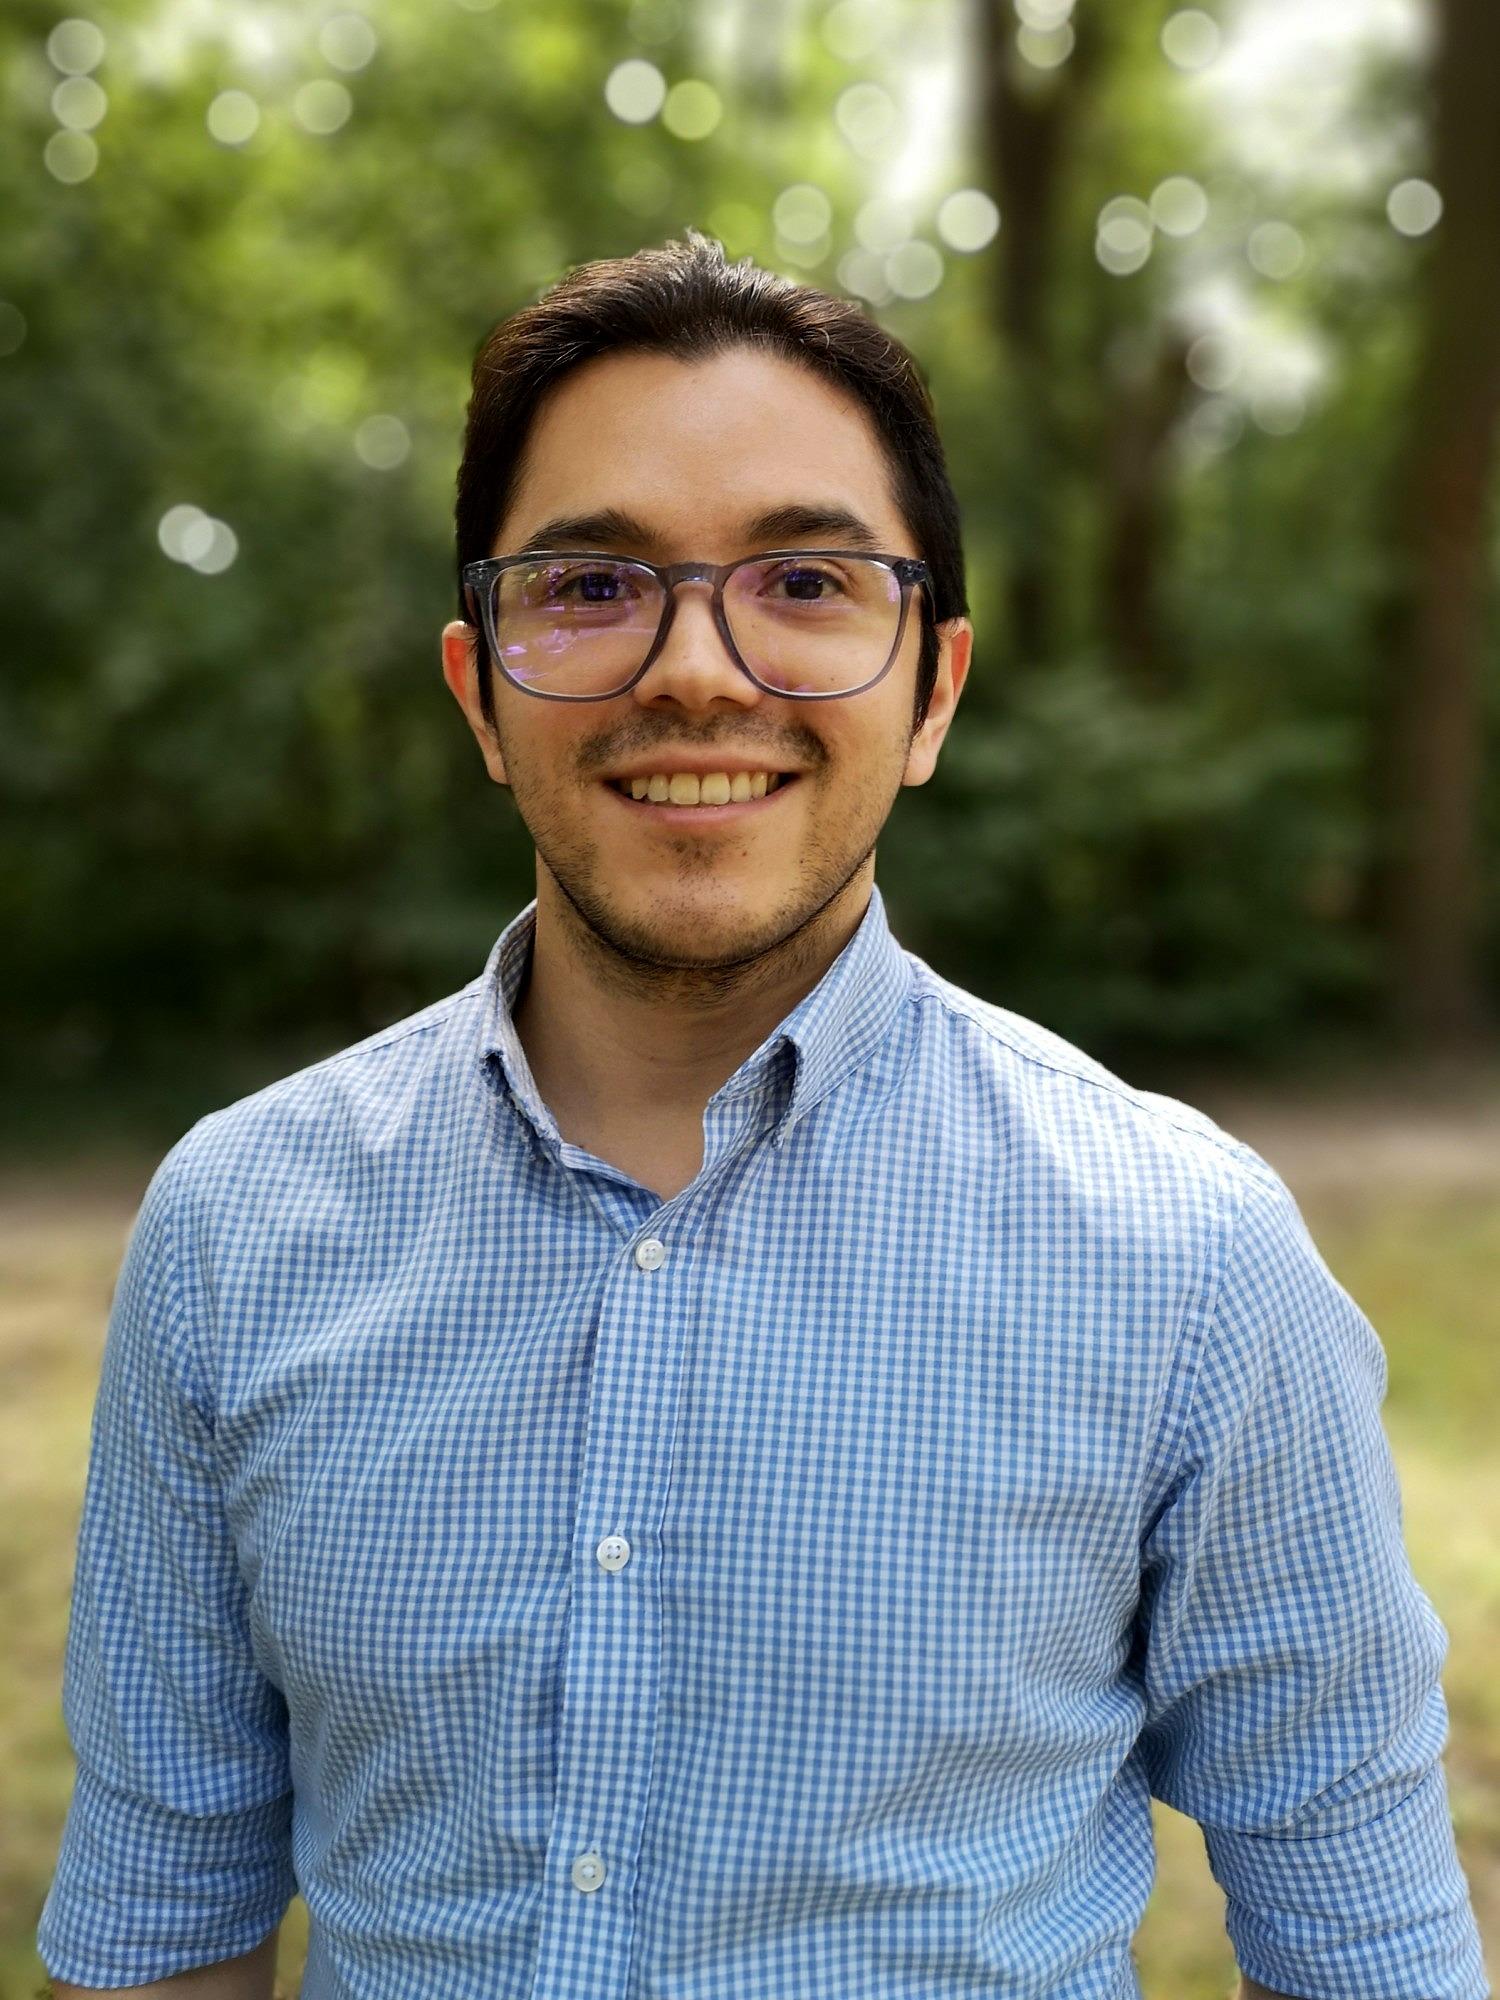 Edgar Beltran